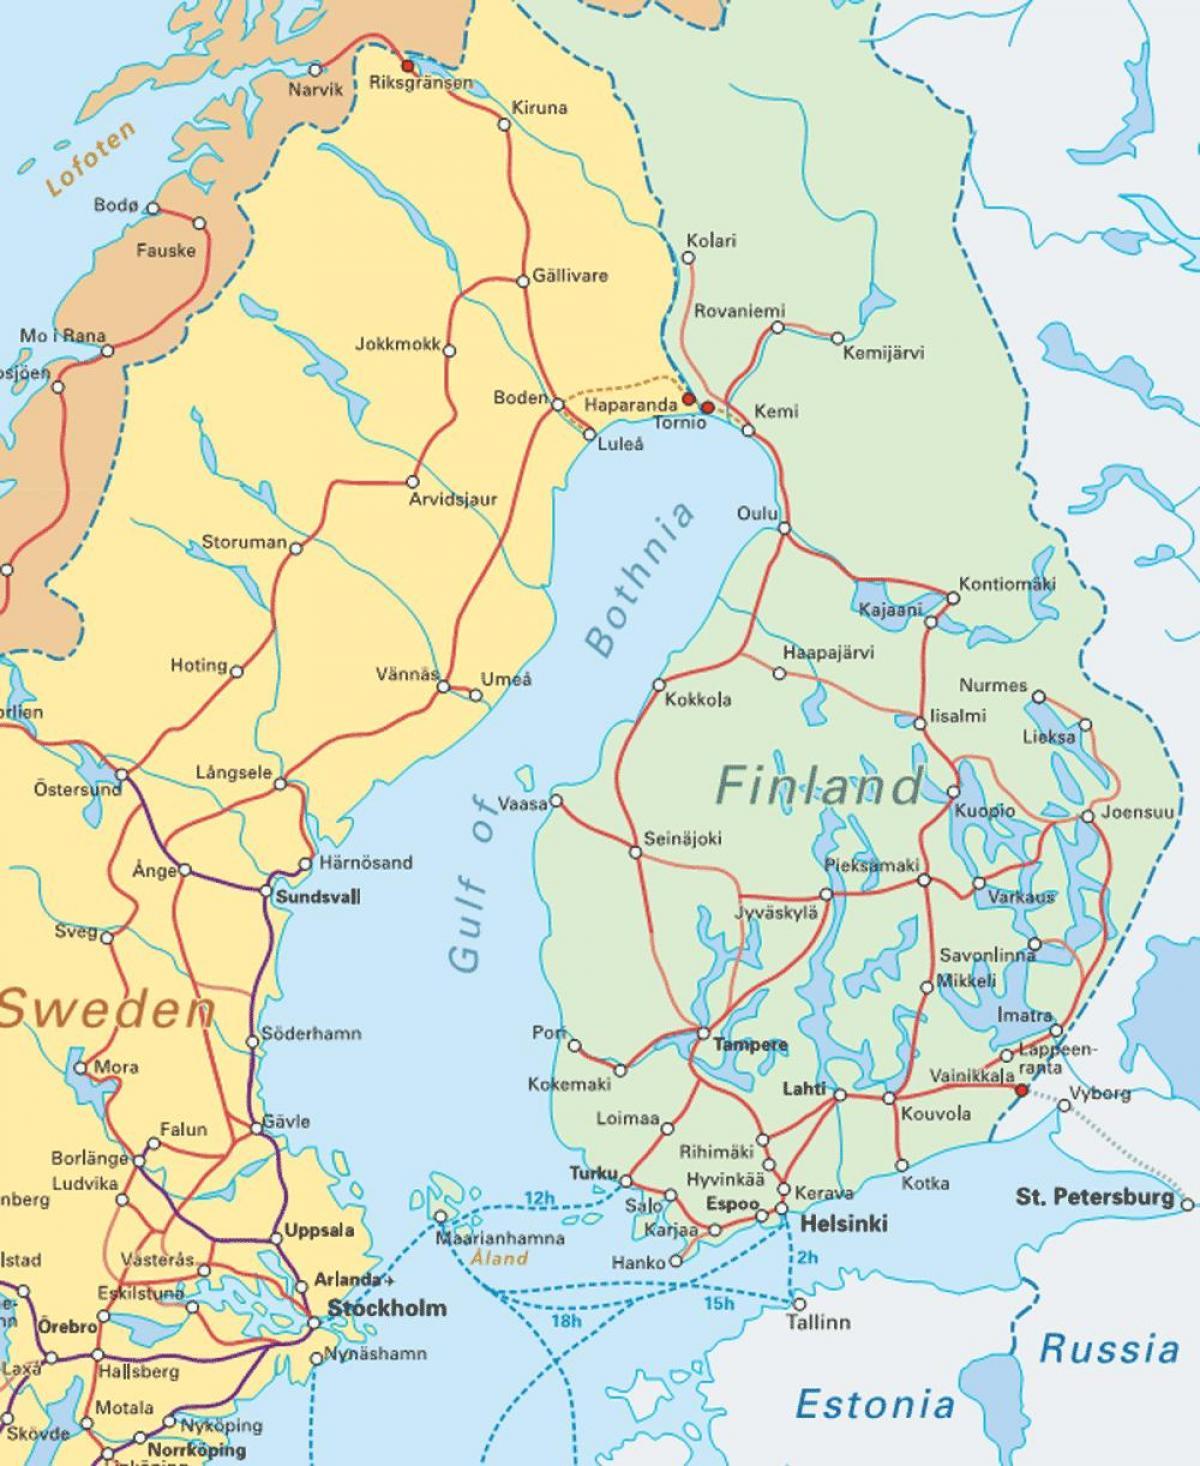 Suomen Rautateiden Kartta Suomessa Juna Kartta Pohjois Eurooppa